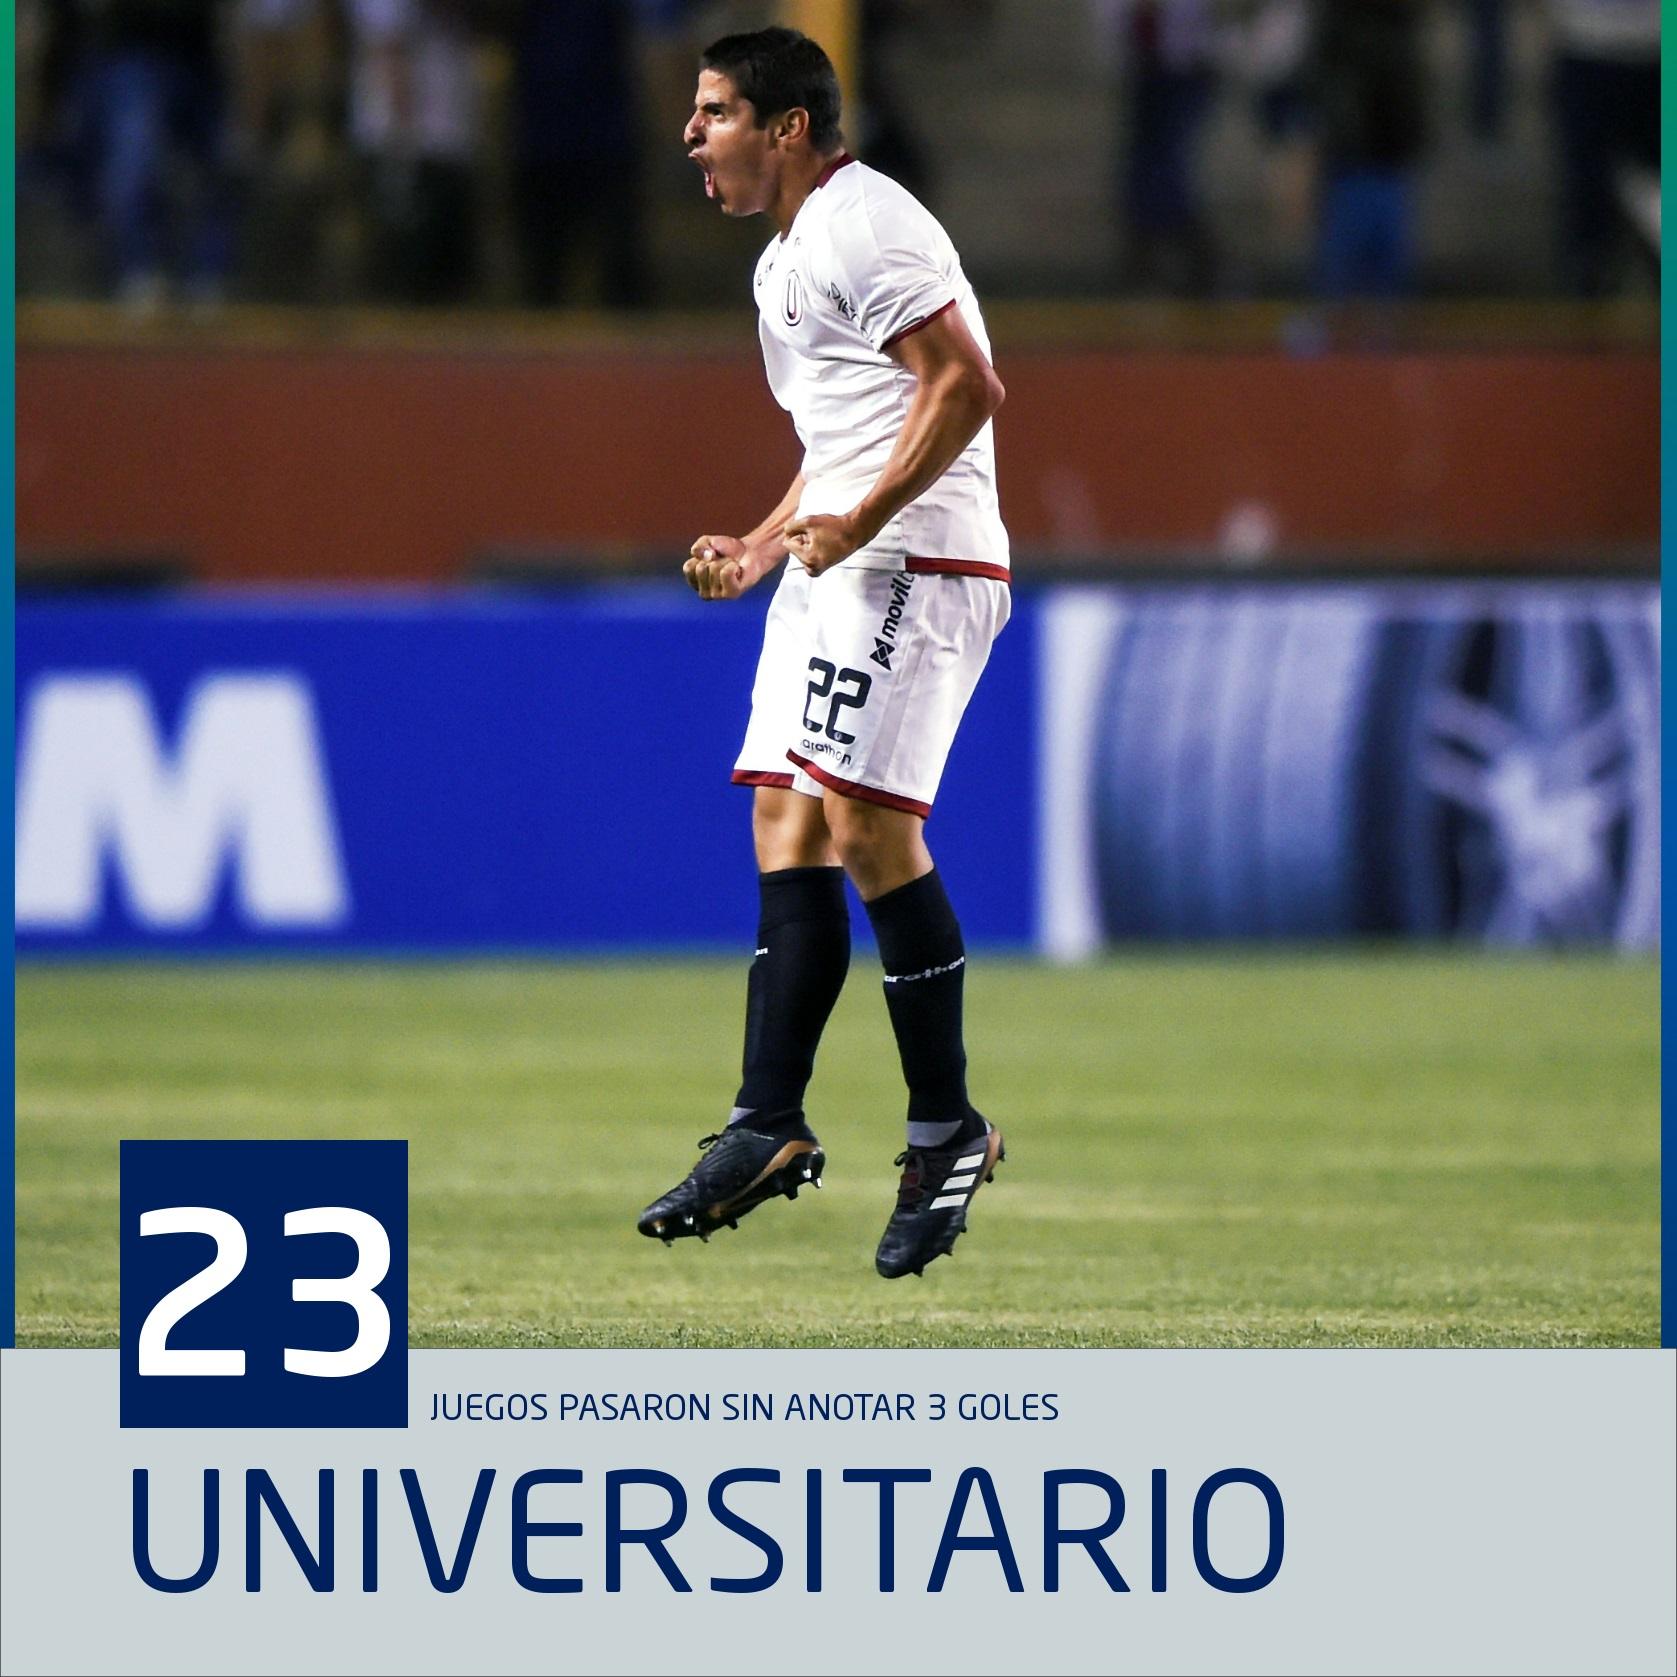 Universitario stat